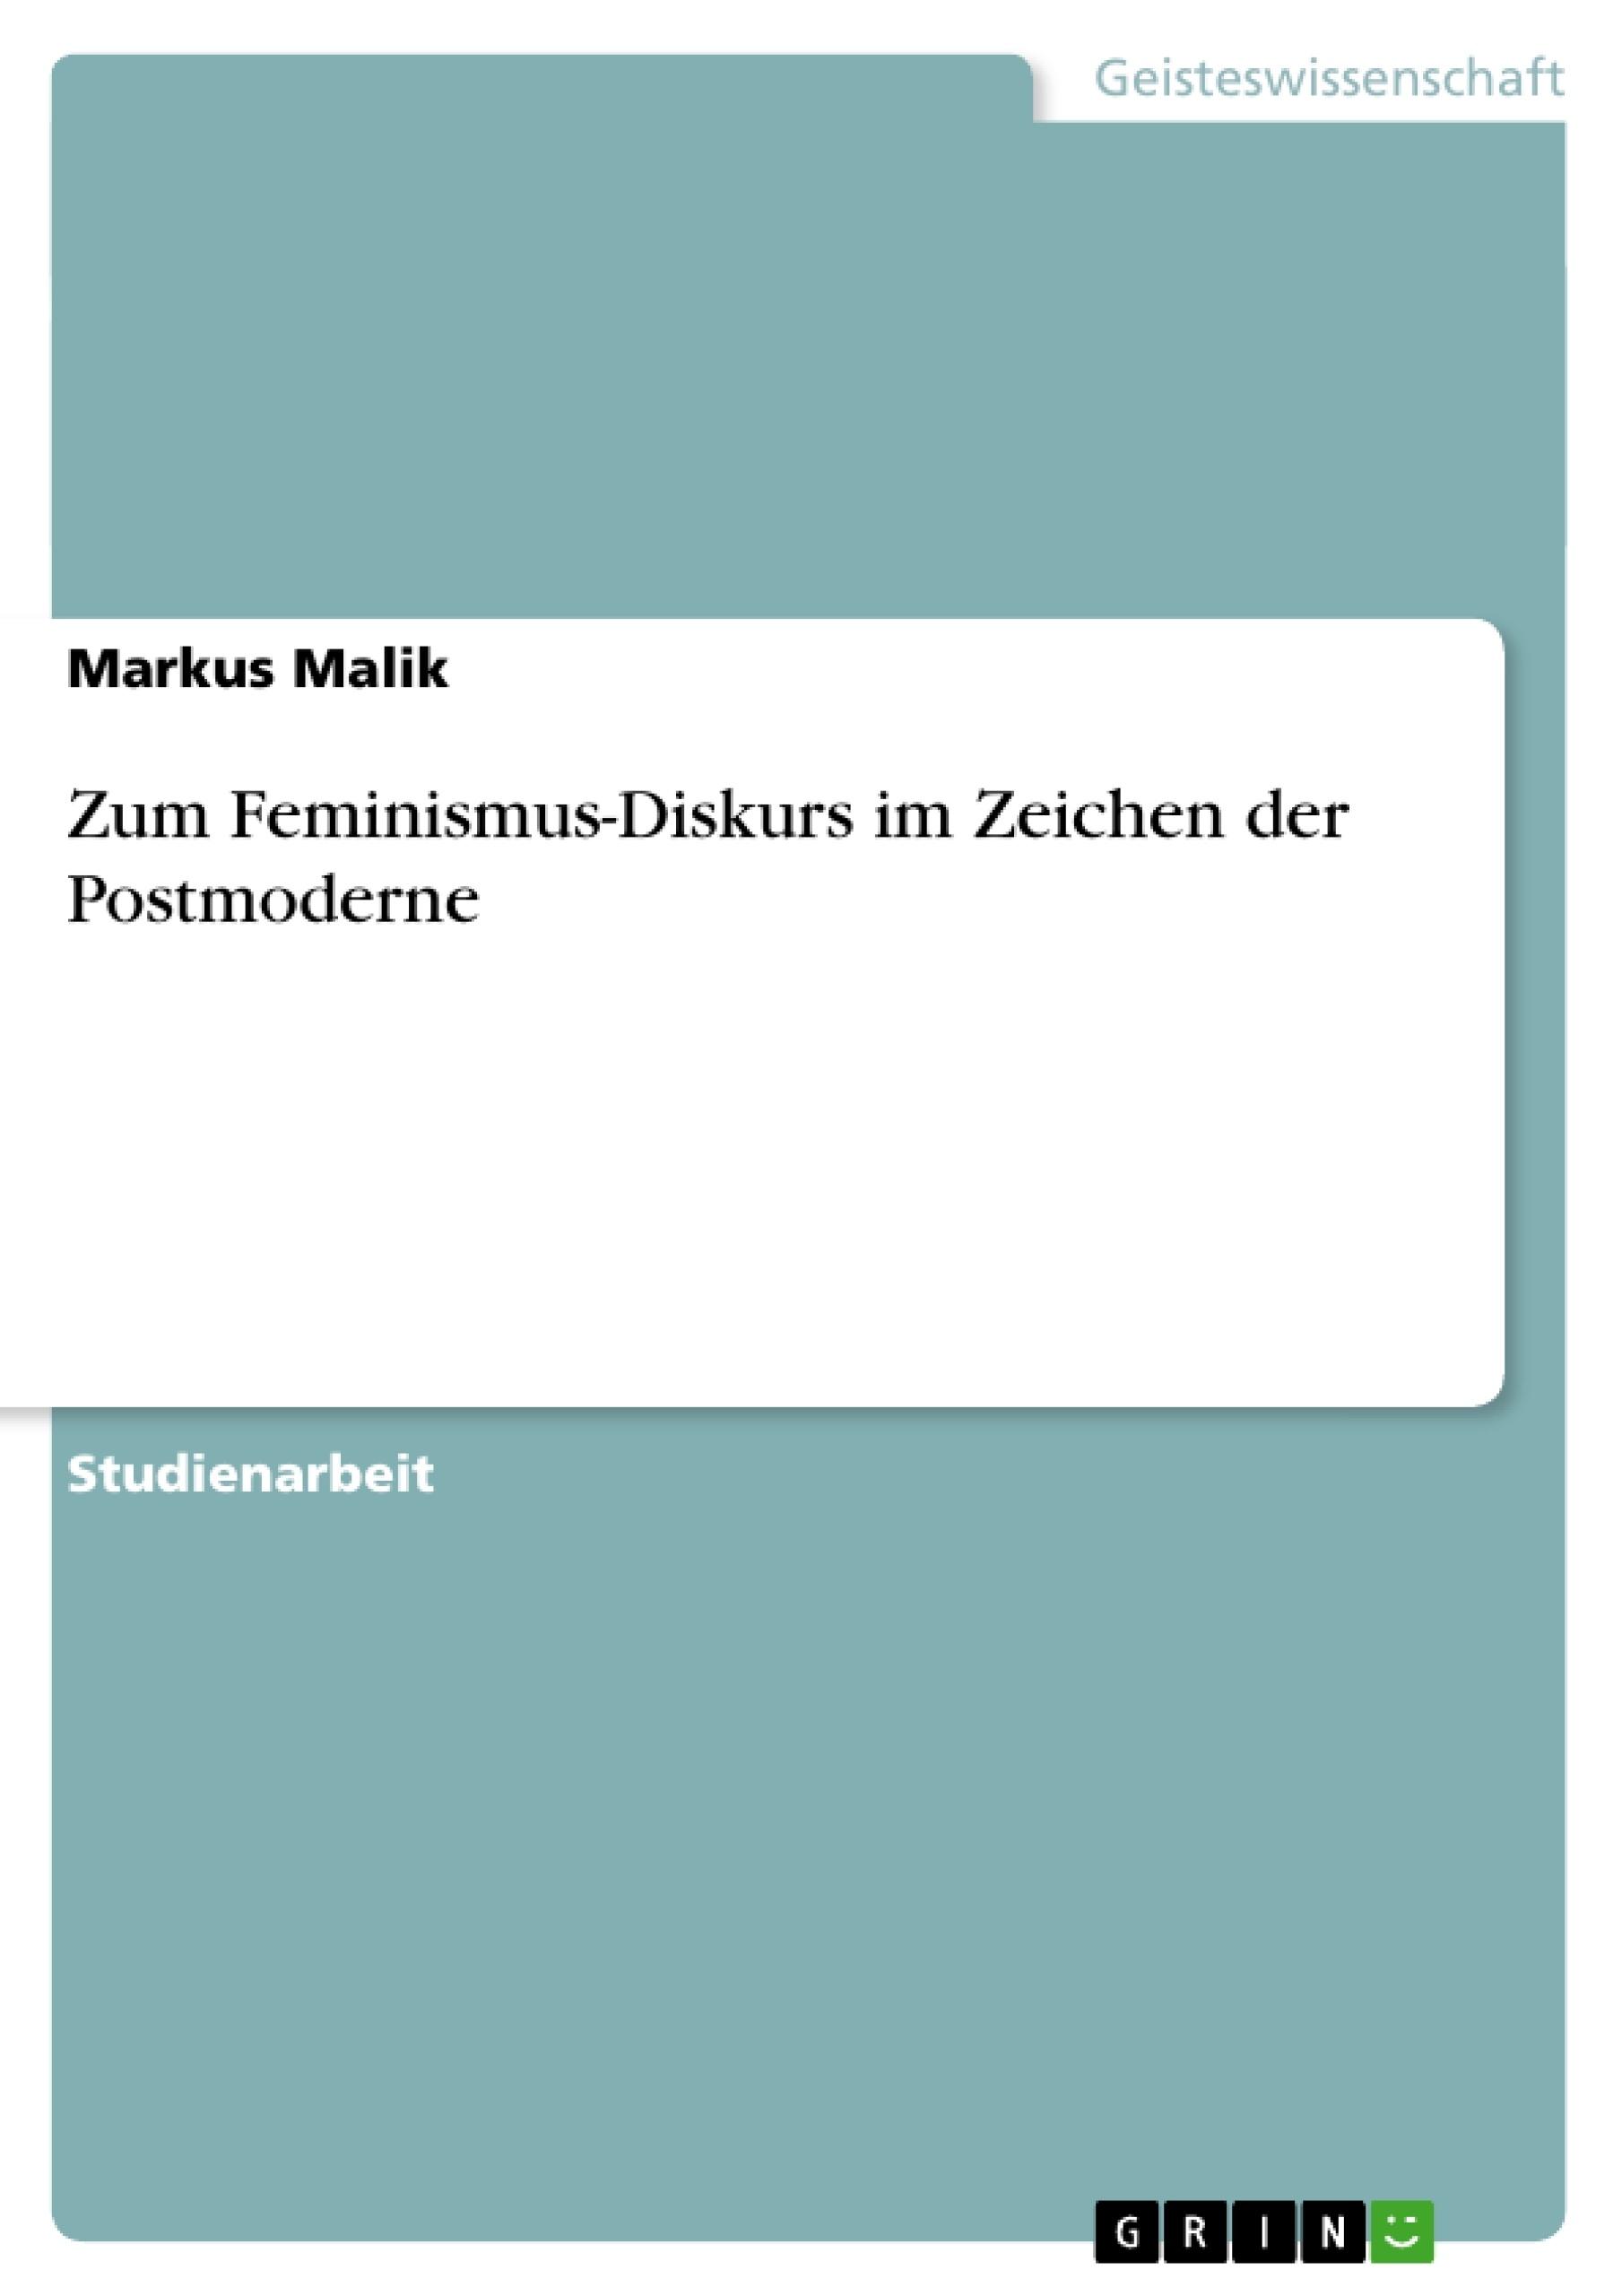 Titel: Zum Feminismus-Diskurs im Zeichen der Postmoderne